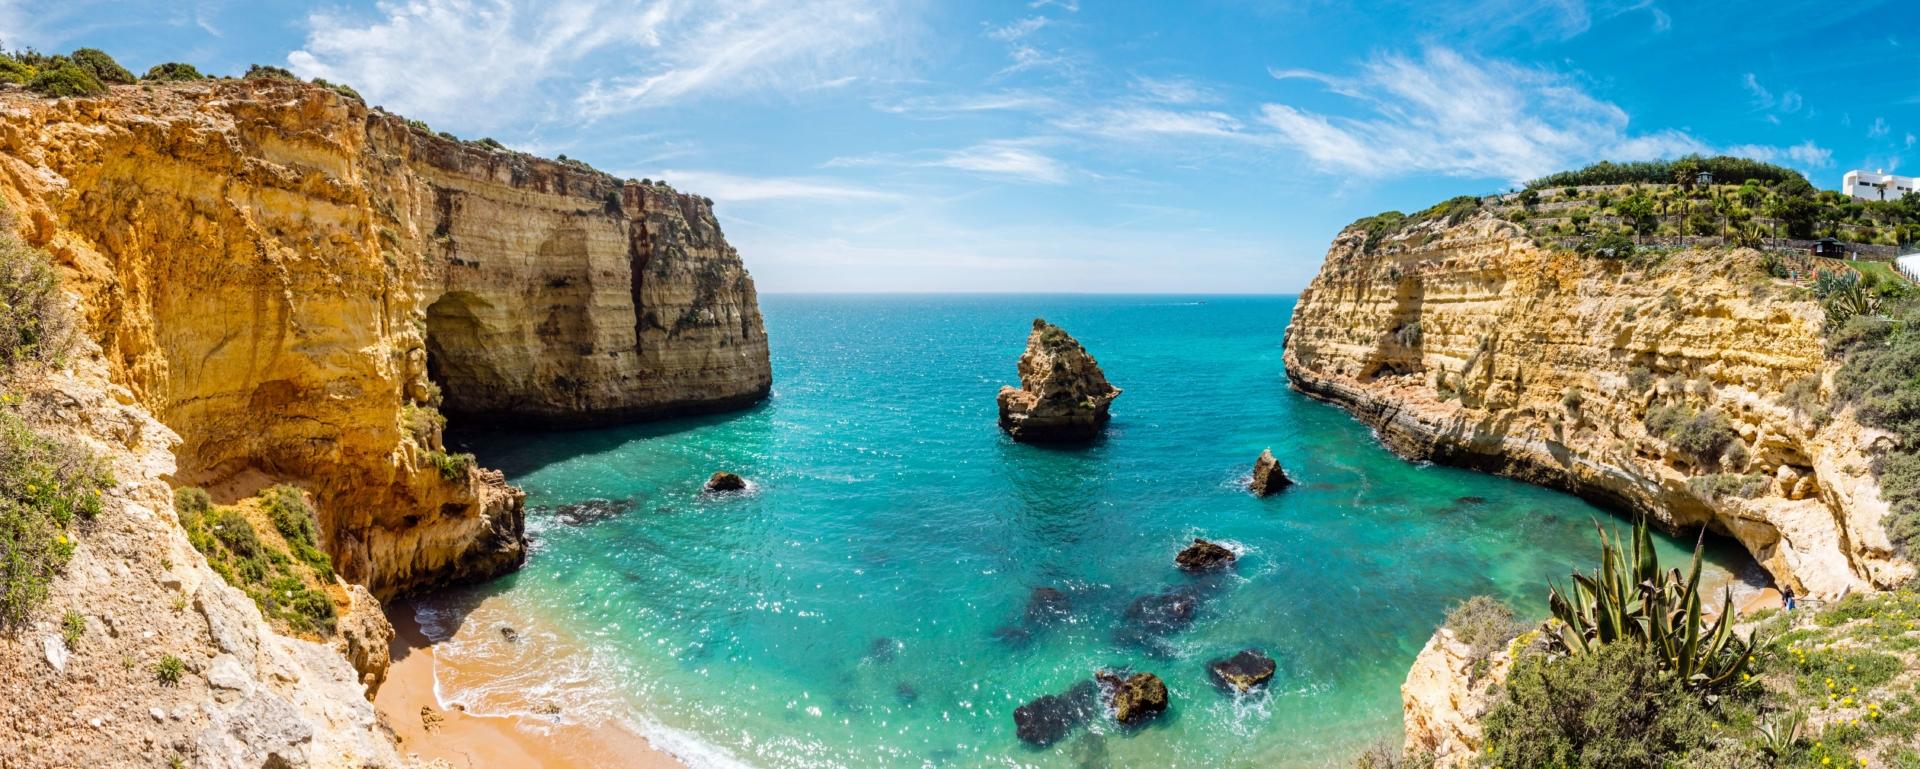 Plage de l'Algarve au Portugal